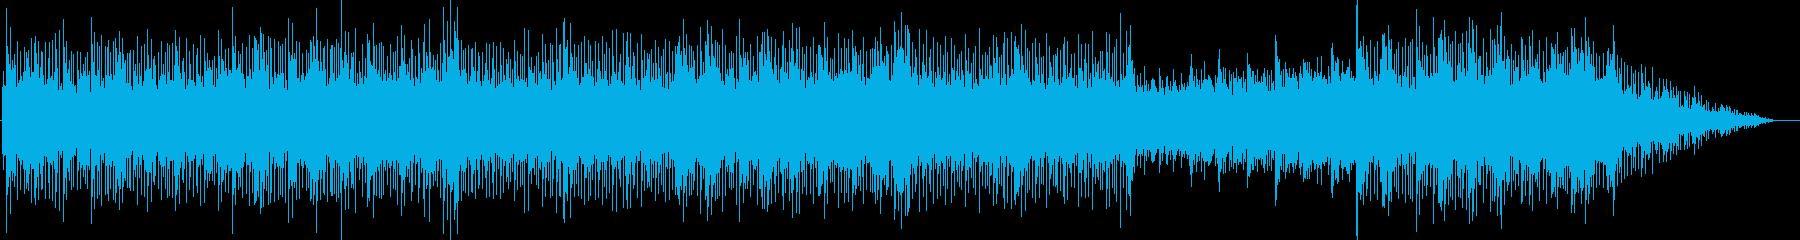 軽快な曲です。の再生済みの波形